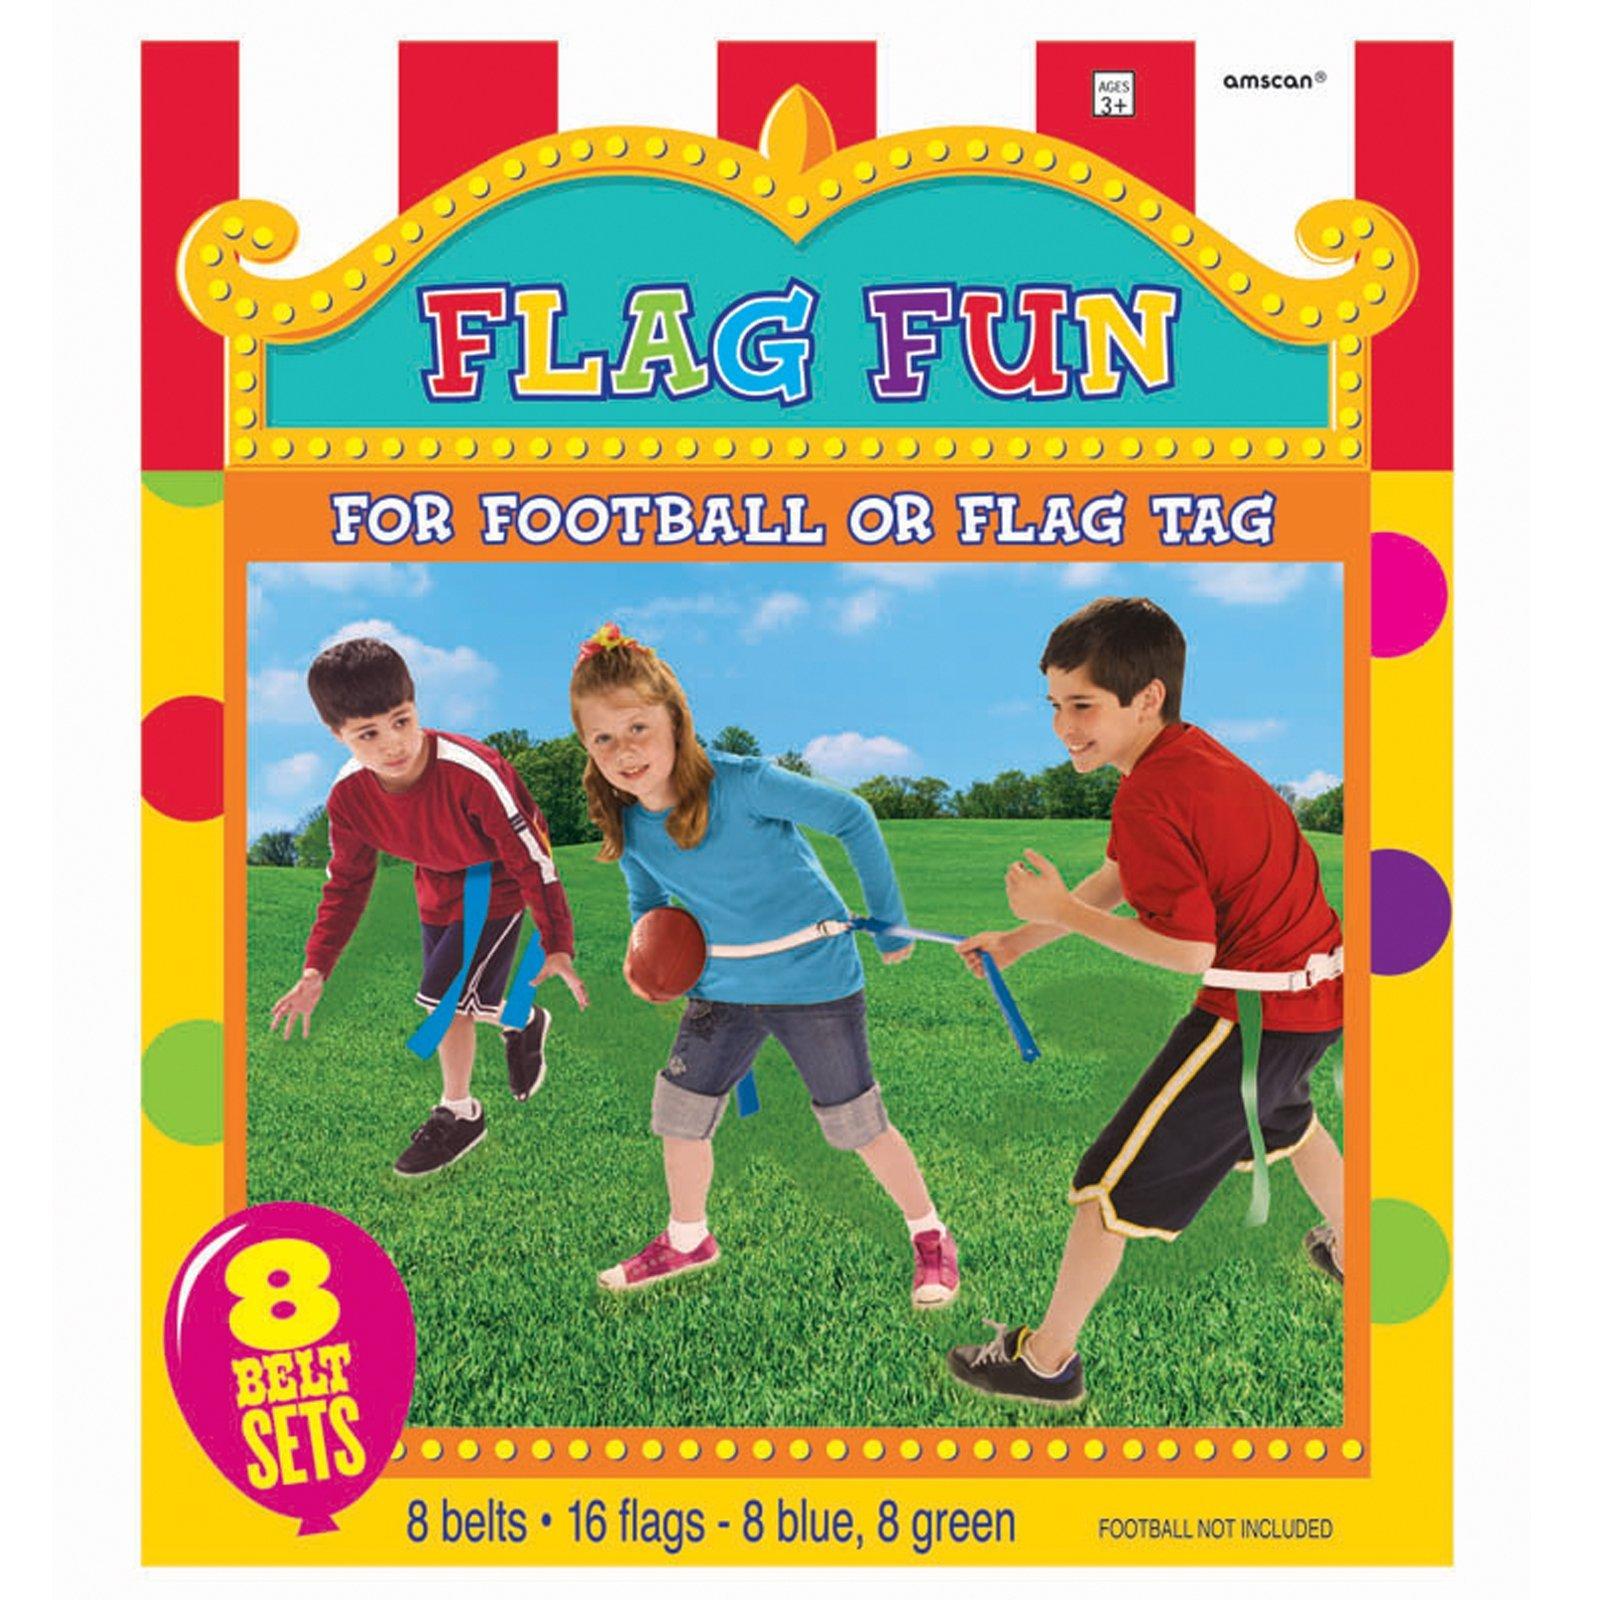 Amscan Carnival Fair Fun Flag Football Game (24 Piece), 24'', Blue/Green